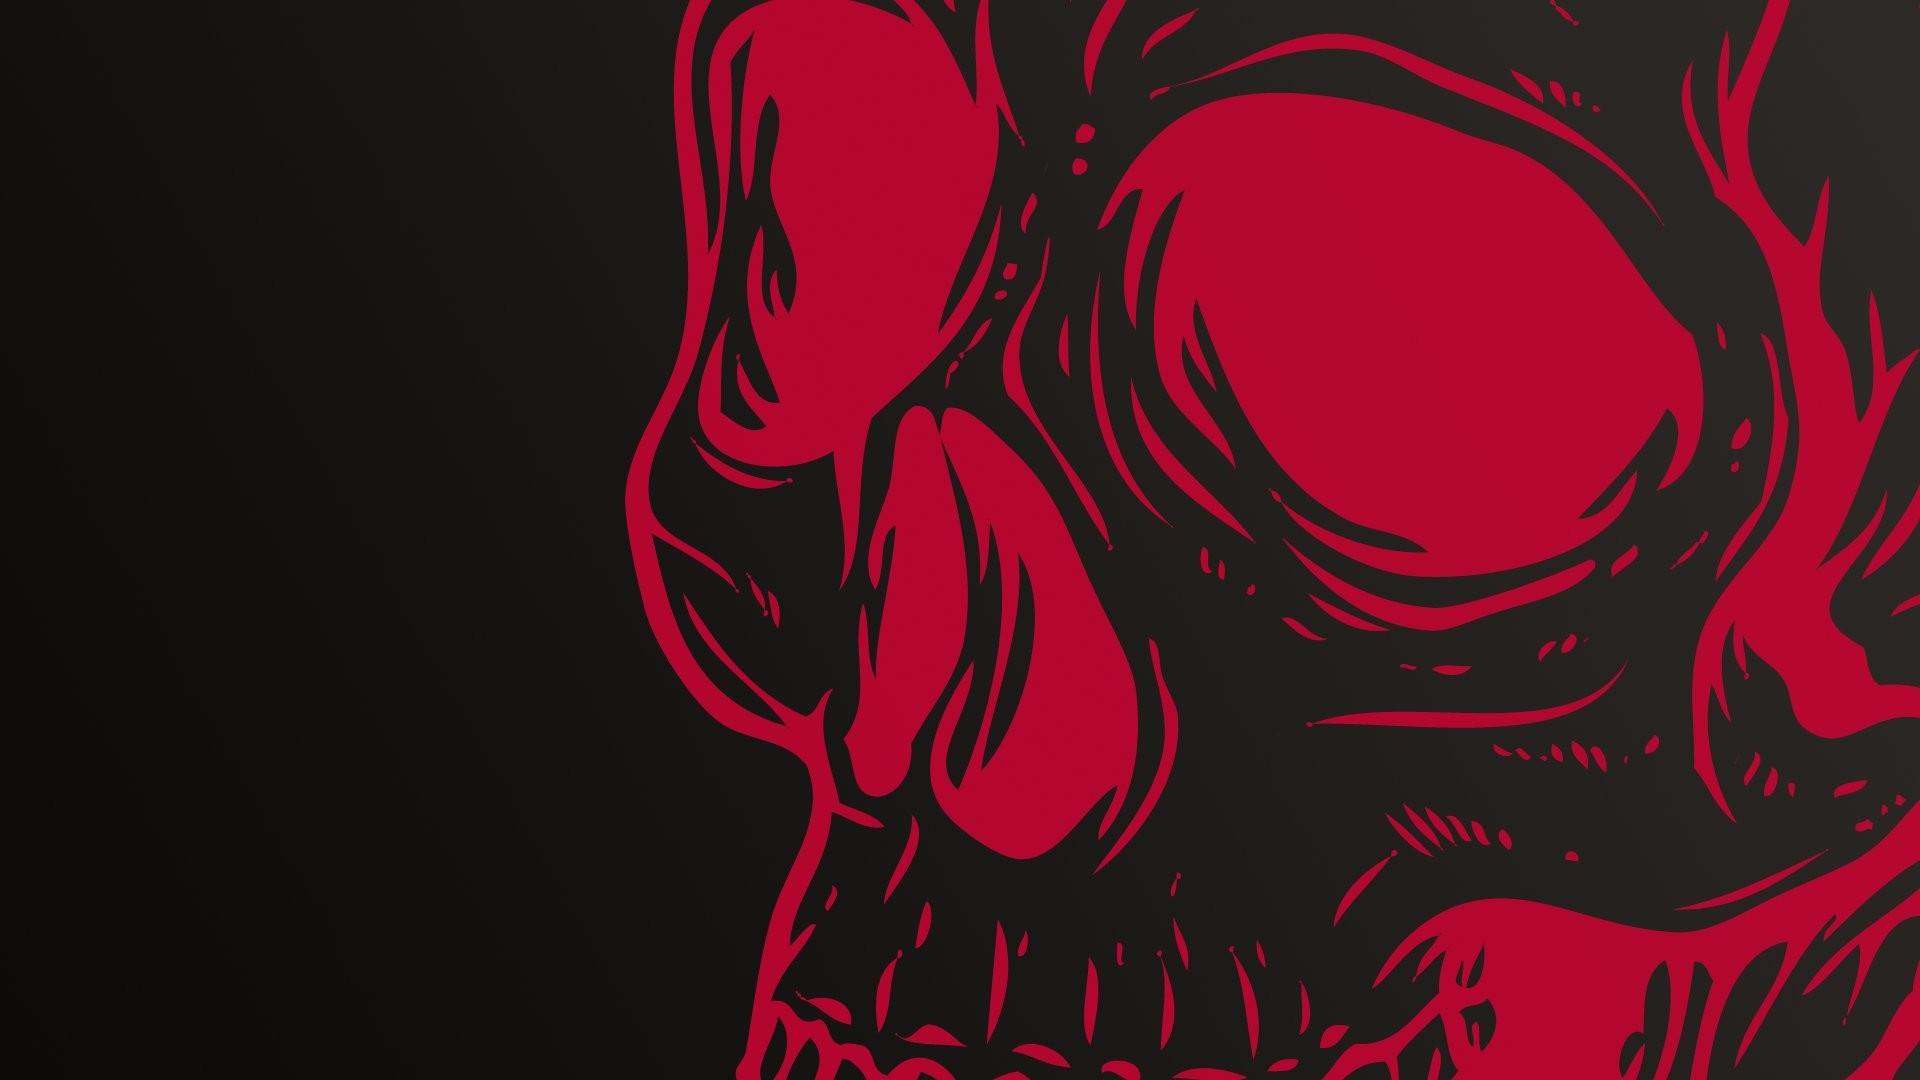 1080x1920 Artistic Sugar Skull Wallpaper 689209